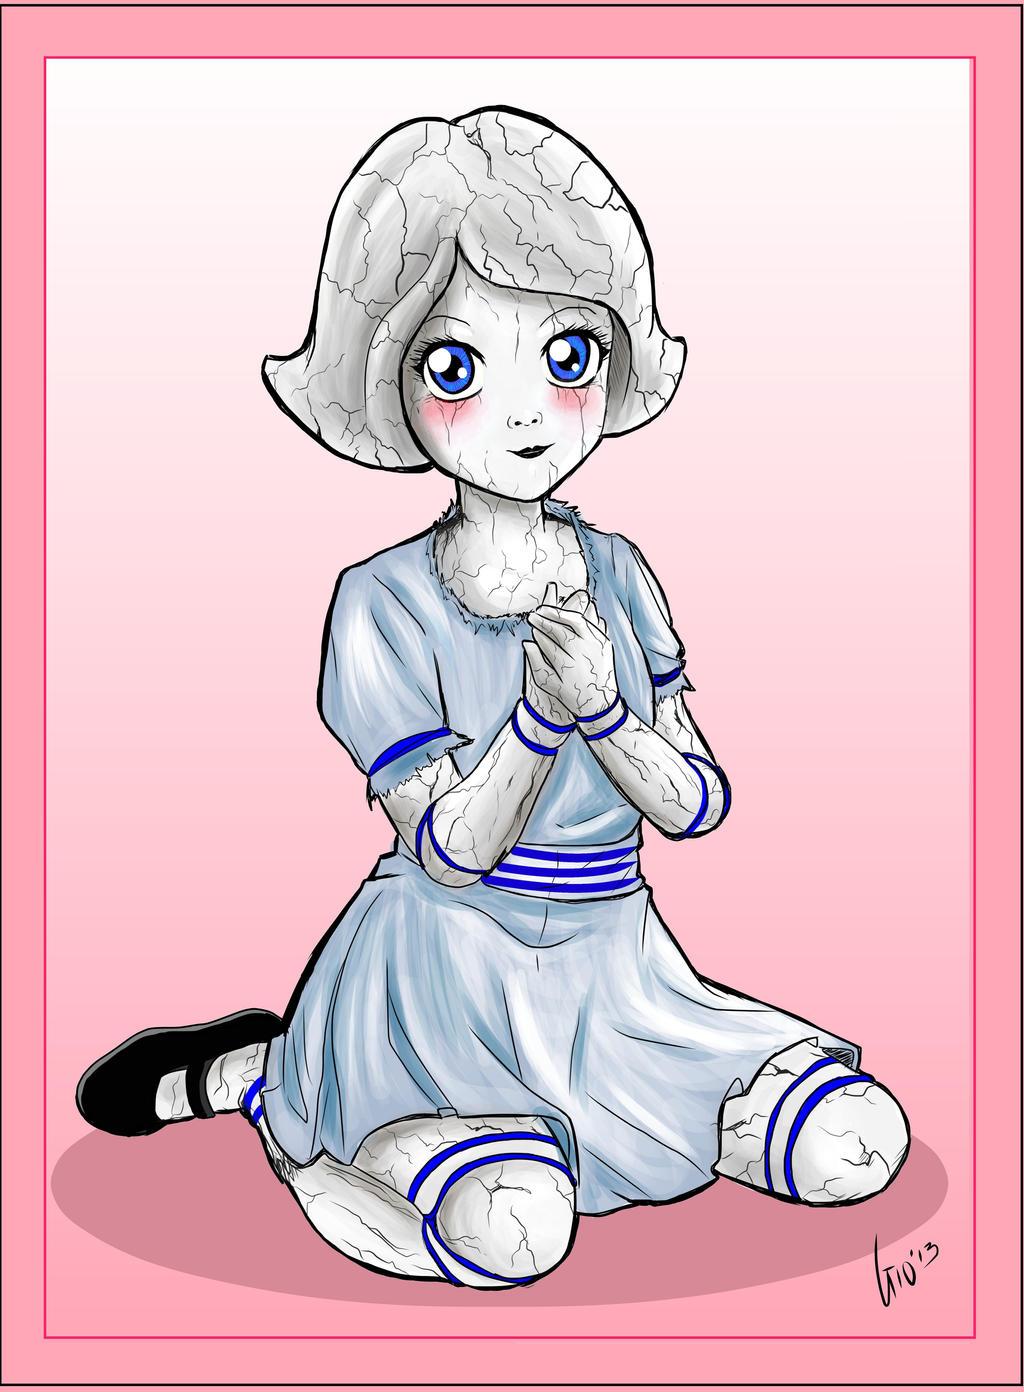 Porcelain Girl by Giosuke